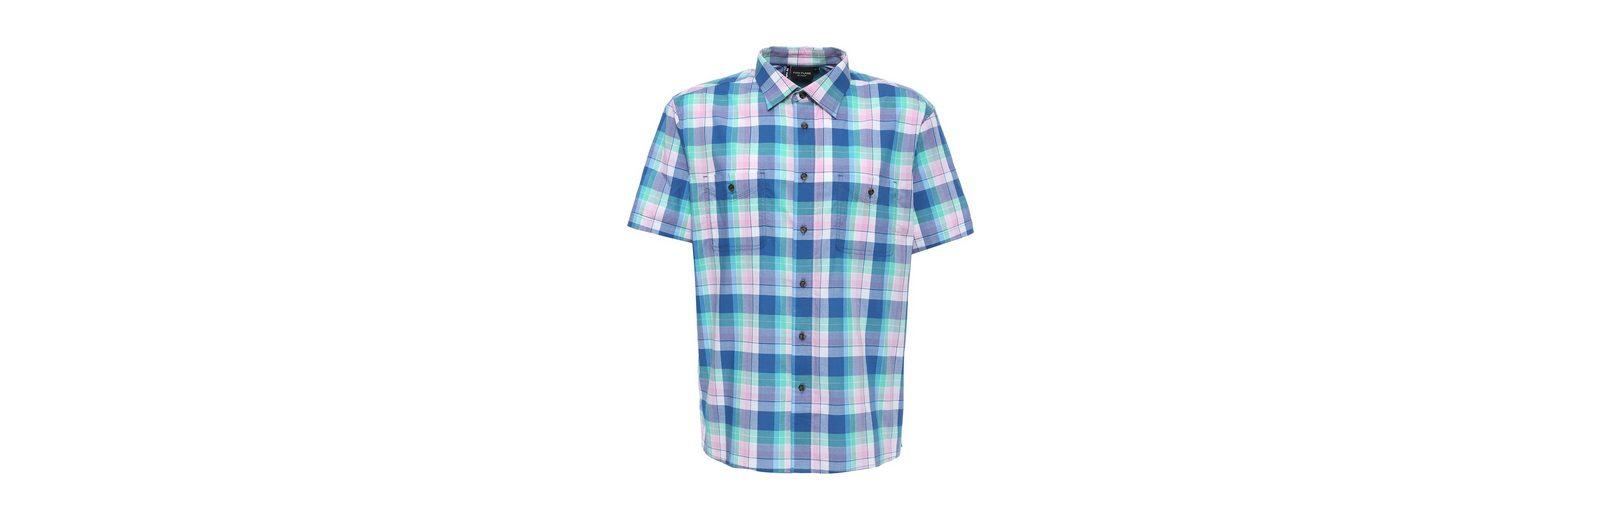 Online Einkaufen Finn Flare Hemd mit sportlicher Karomusterung Mit Paypal Zahlen Zu Verkaufen Billig Verkaufen Neu Gut Verkaufen Verkauf Online Kaufen Billig Authentisch tmXrM